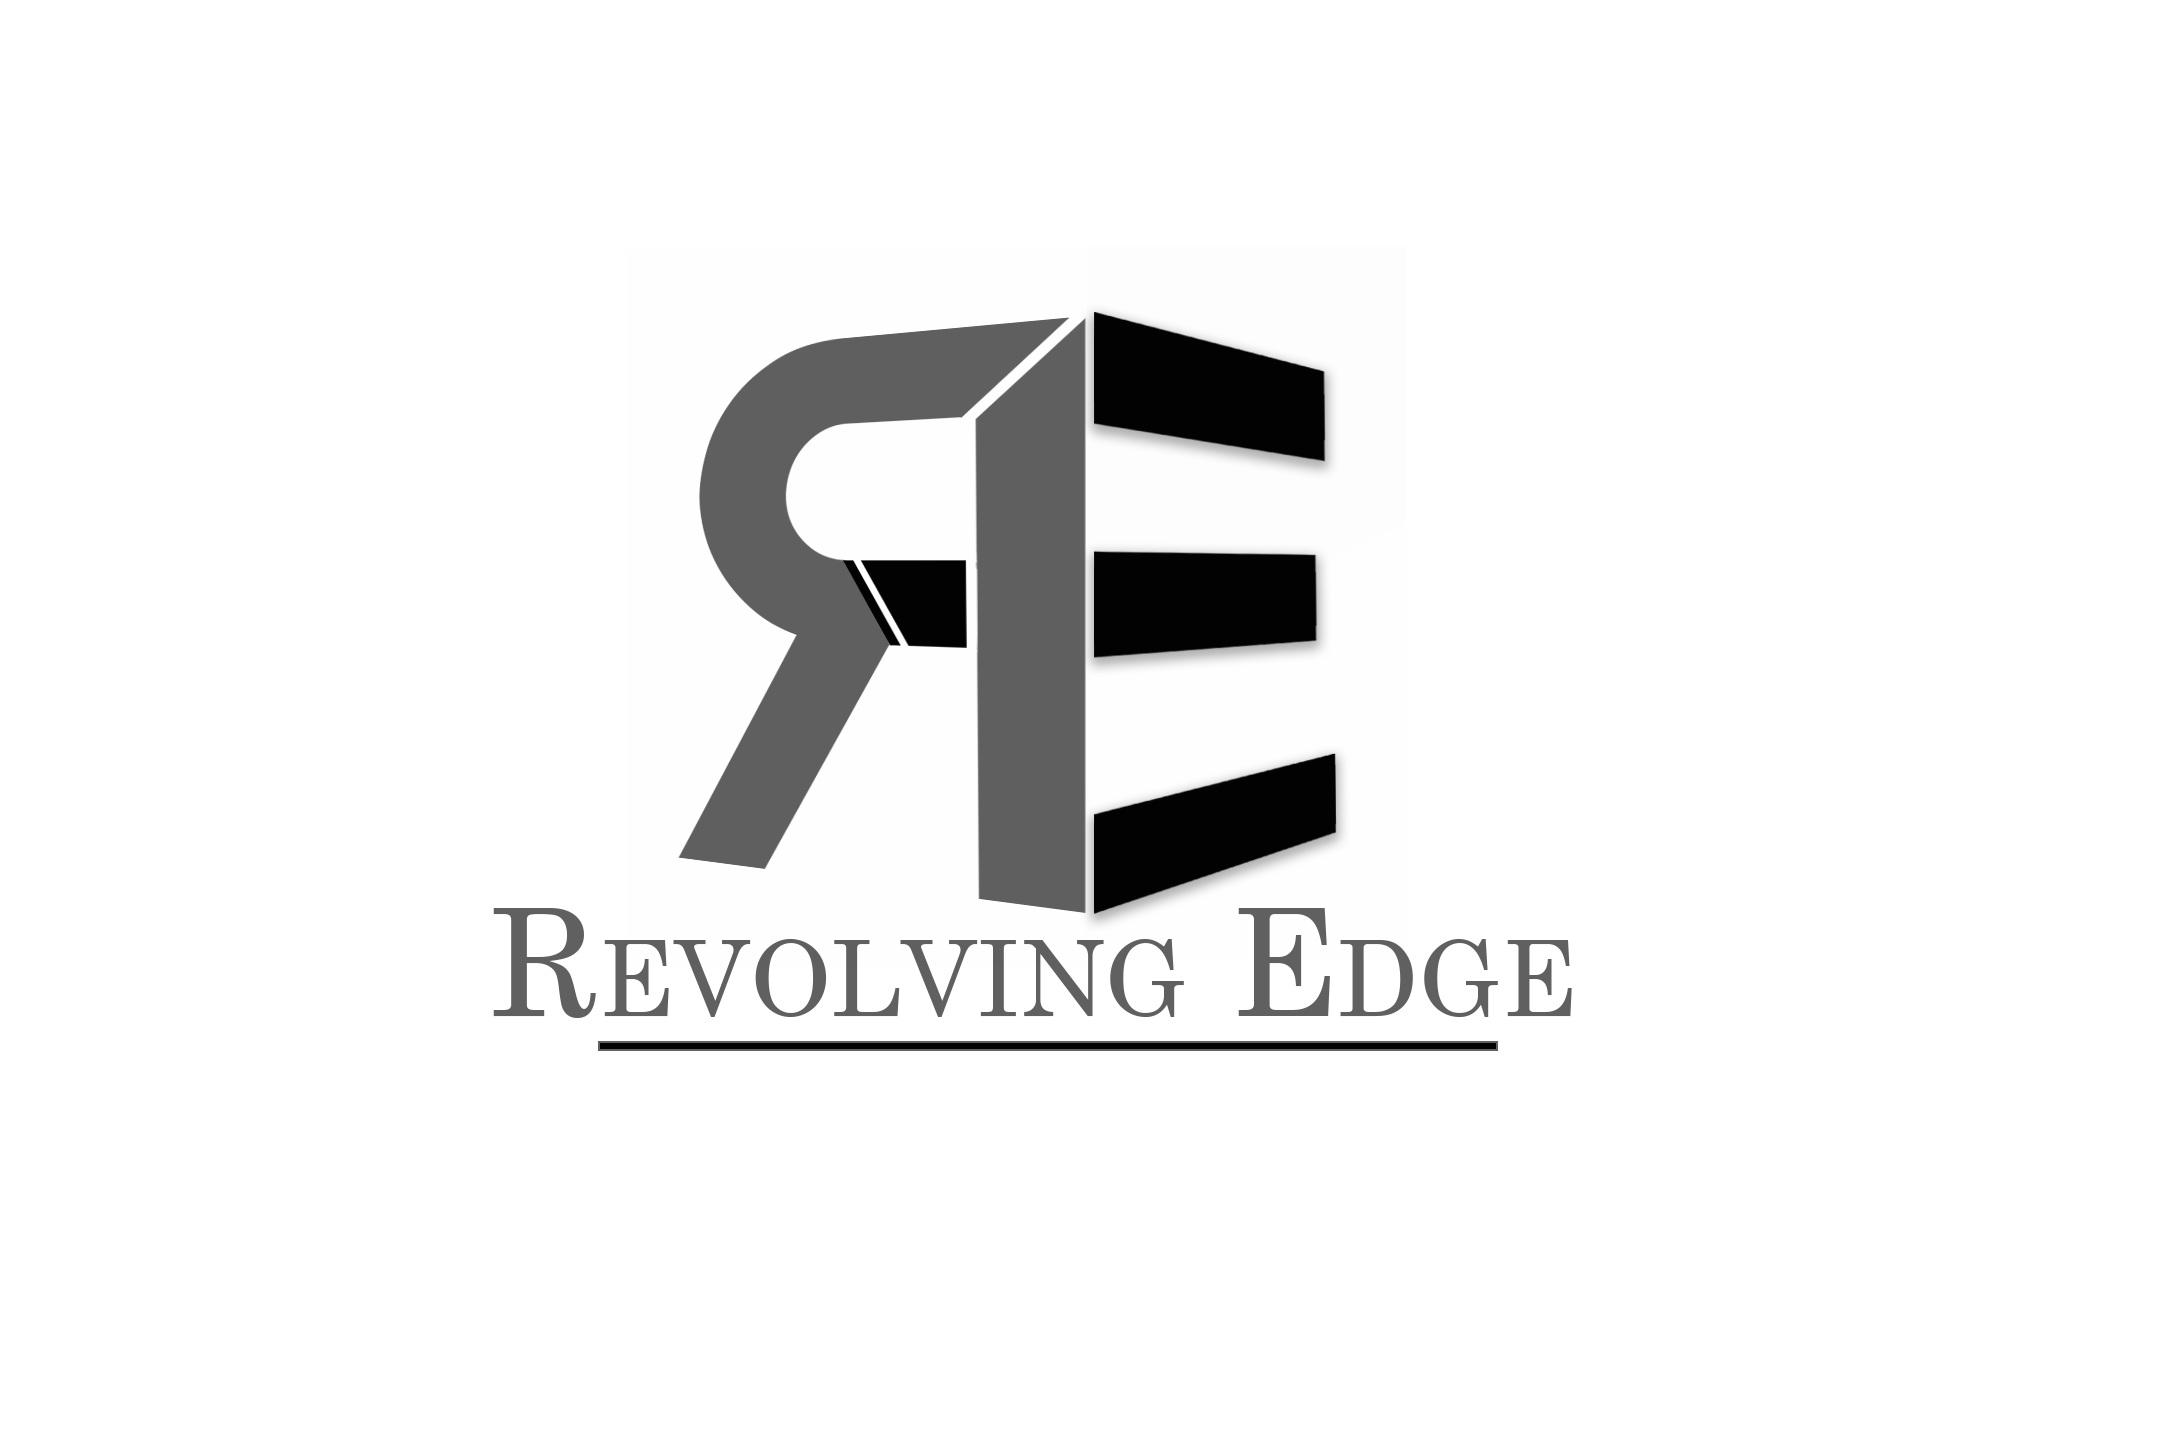 revolving+edge+logo+bw+2.jpg